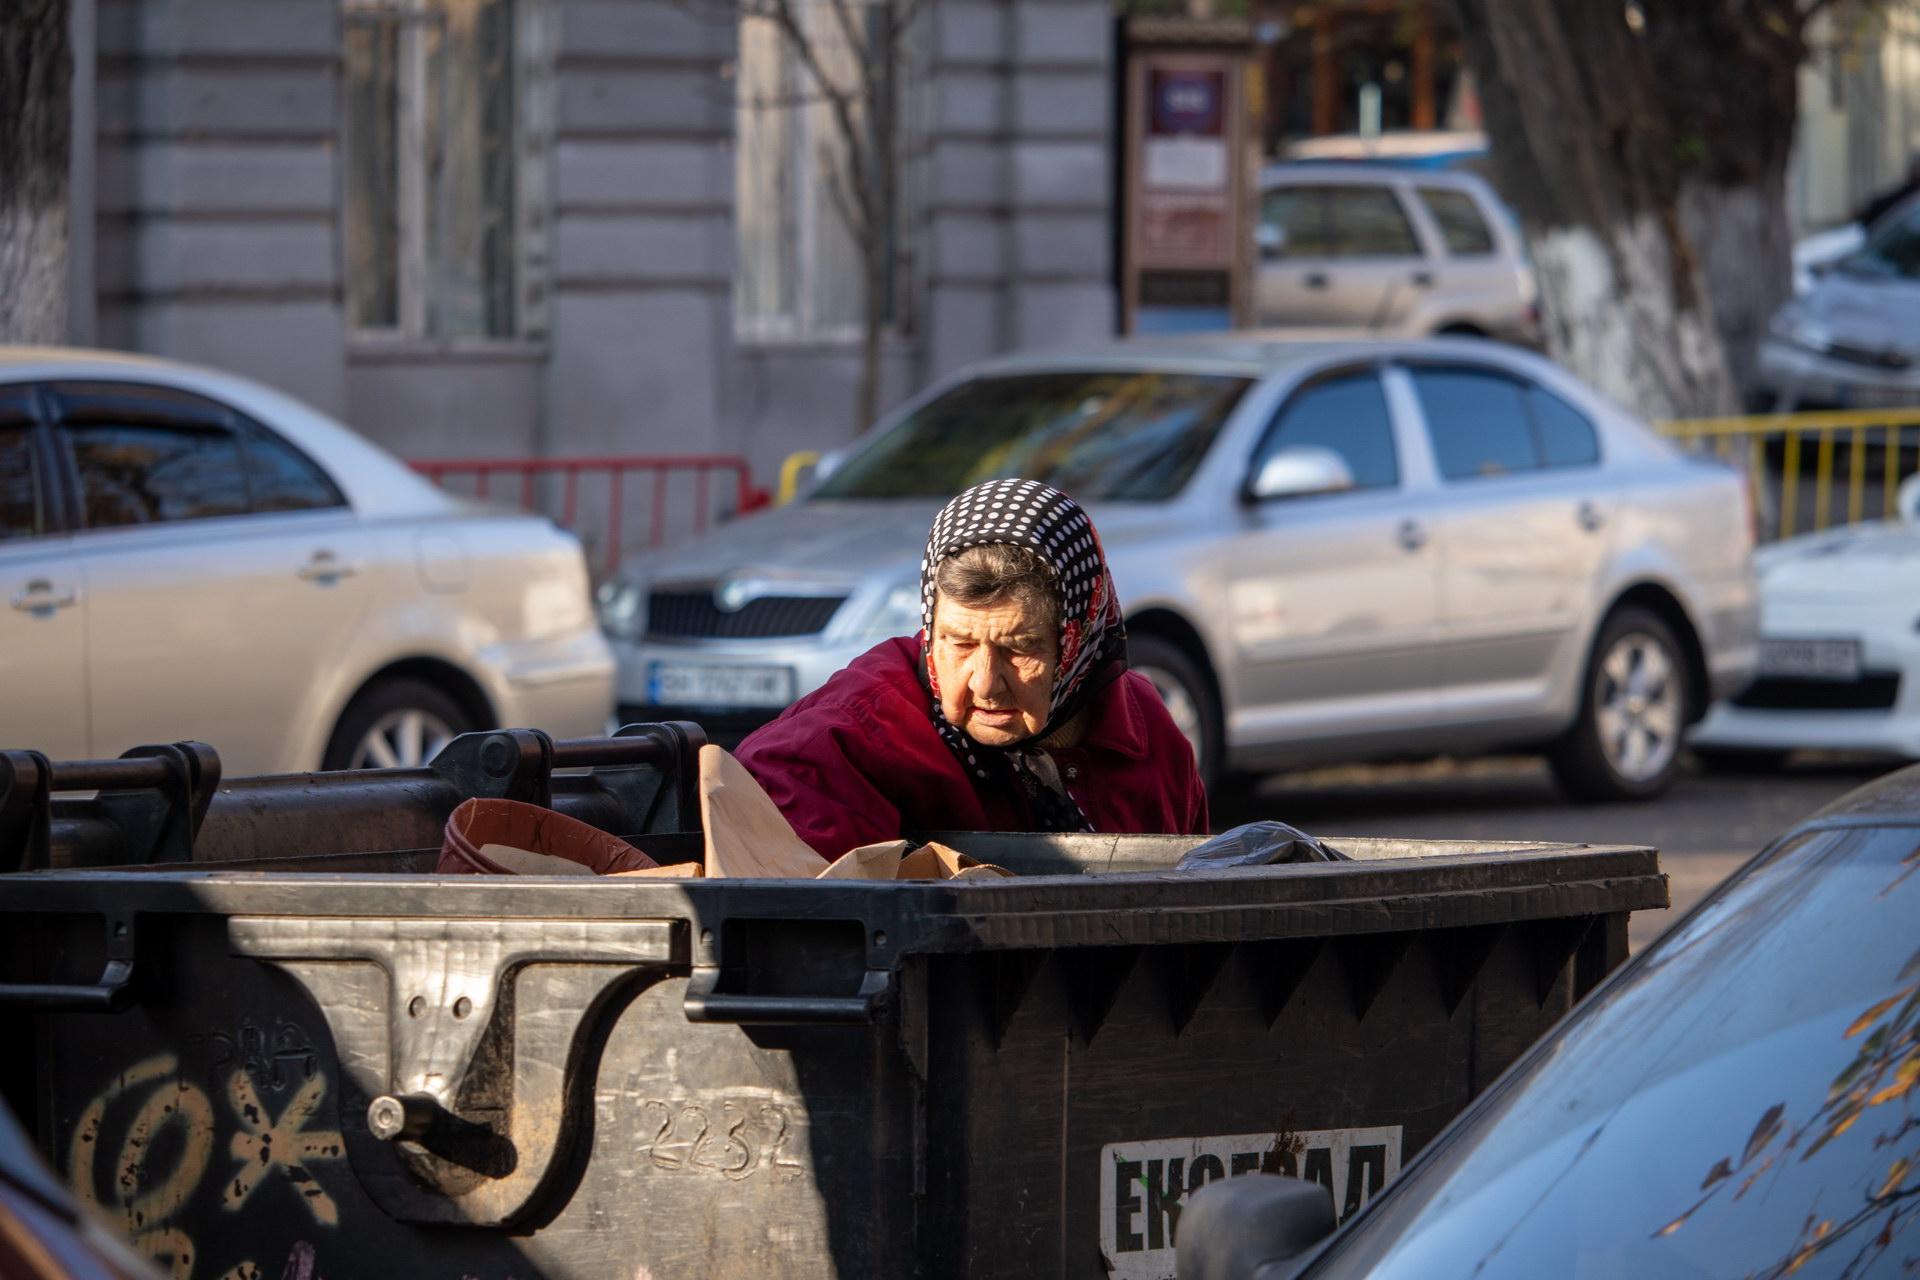 Нищая украинская пенсионерка копается в мусорном баке в поисках еды и вещей – bur4ik.ru – 21.01.2020 - фото 2